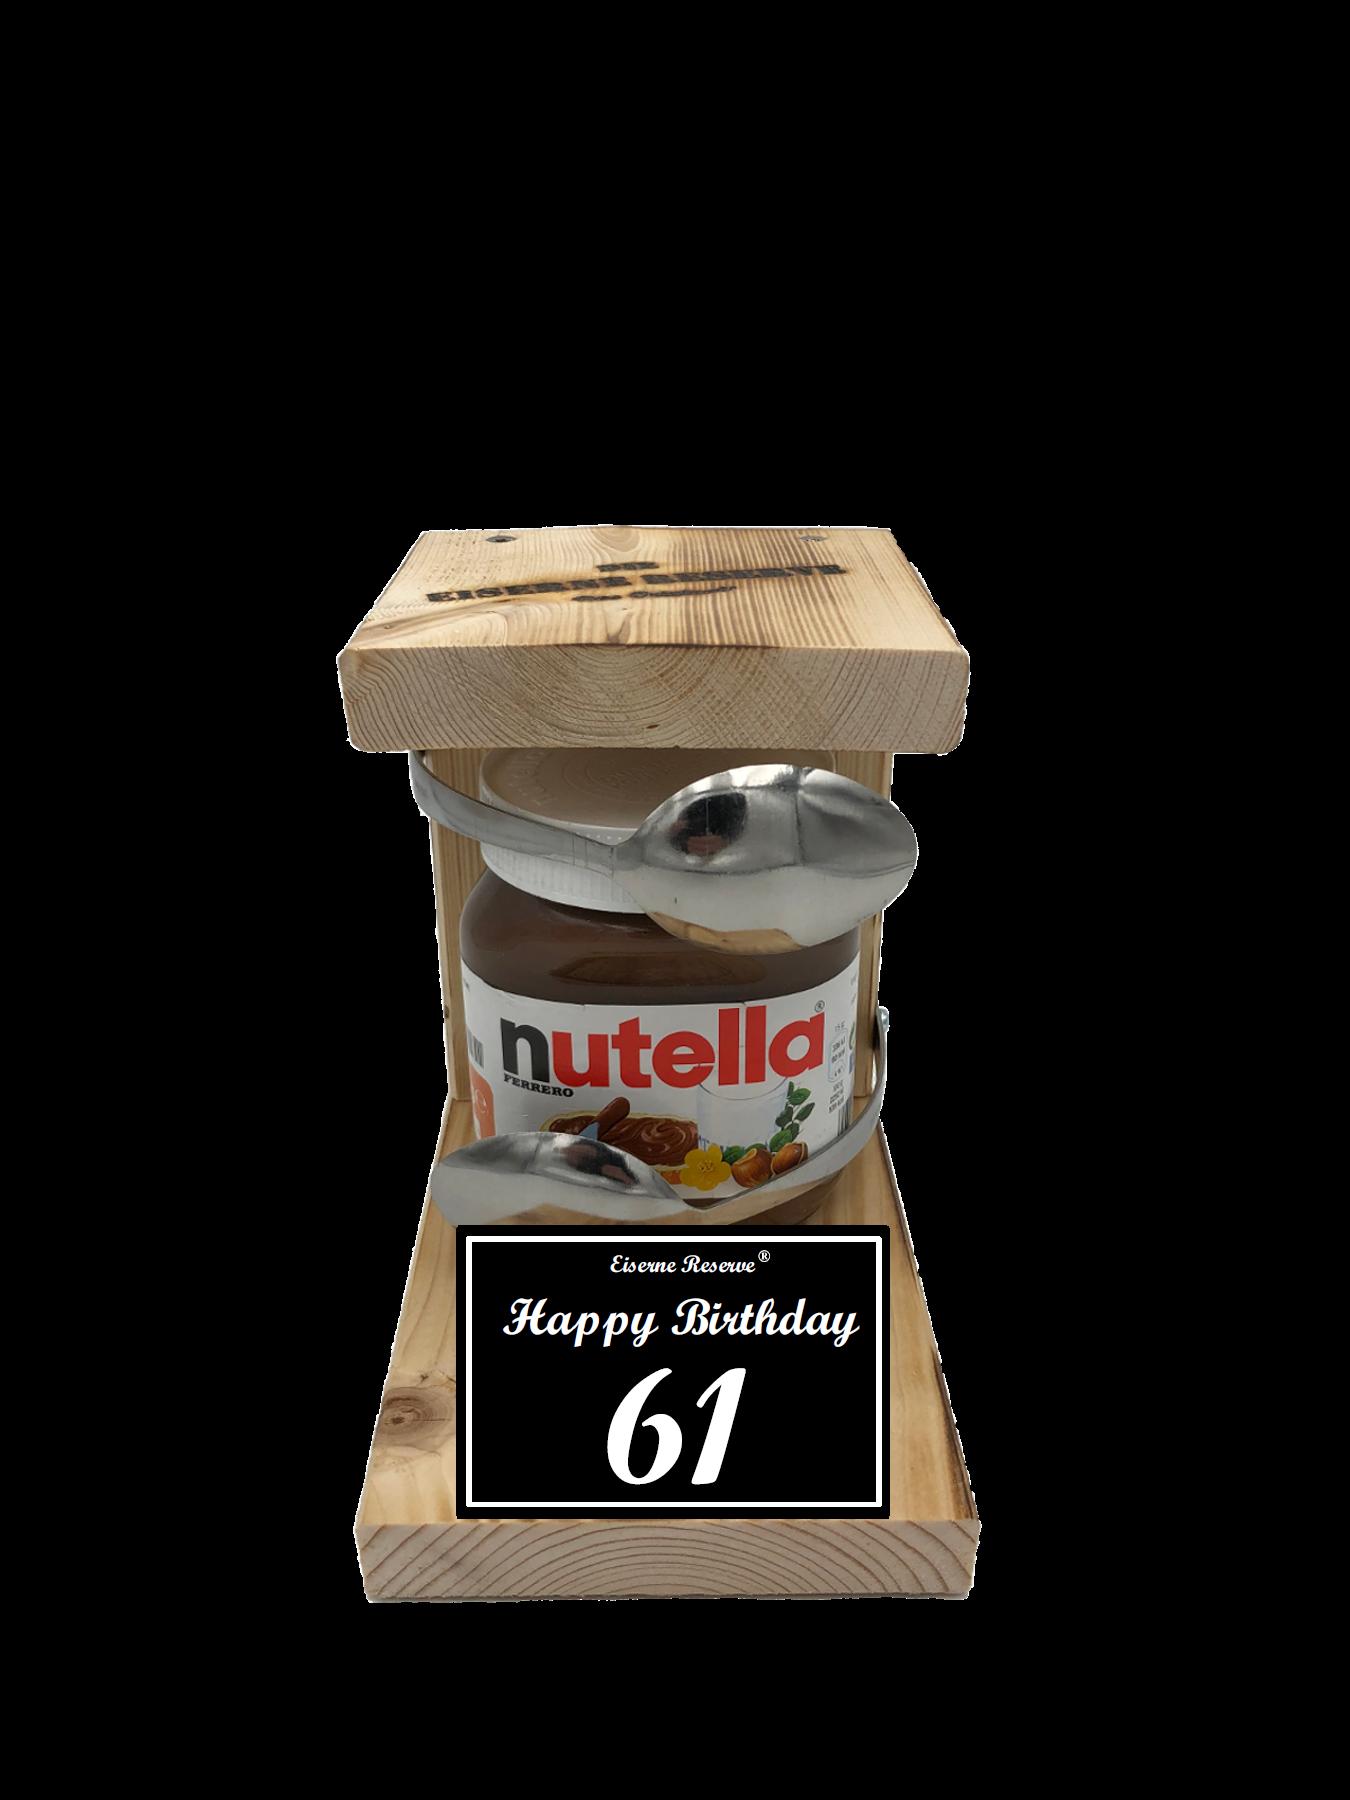 61 Happy Birthday Löffel Nutella Geschenk - Die Nutella Geschenkidee